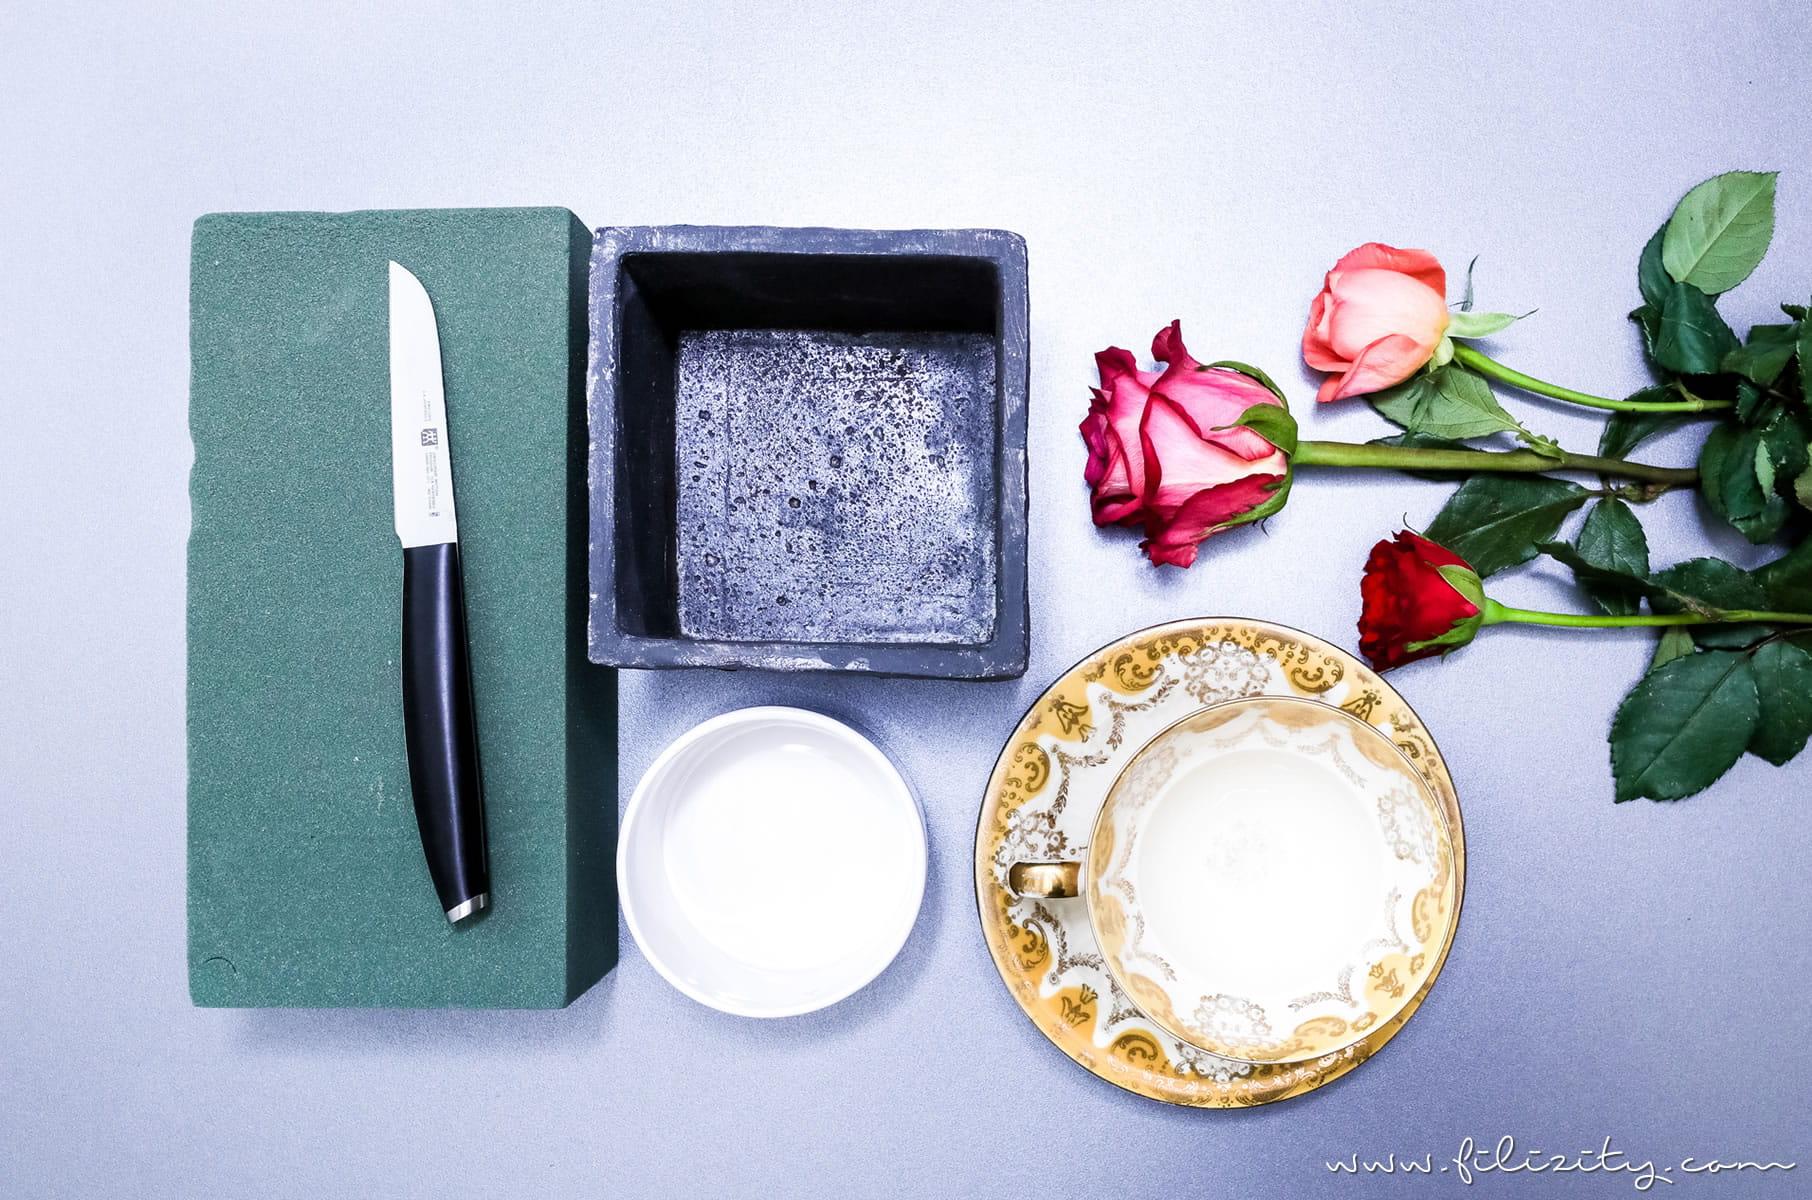 3x flowerbox selber machen diy geschenkidee deko diy blog aus dem rheinland. Black Bedroom Furniture Sets. Home Design Ideas